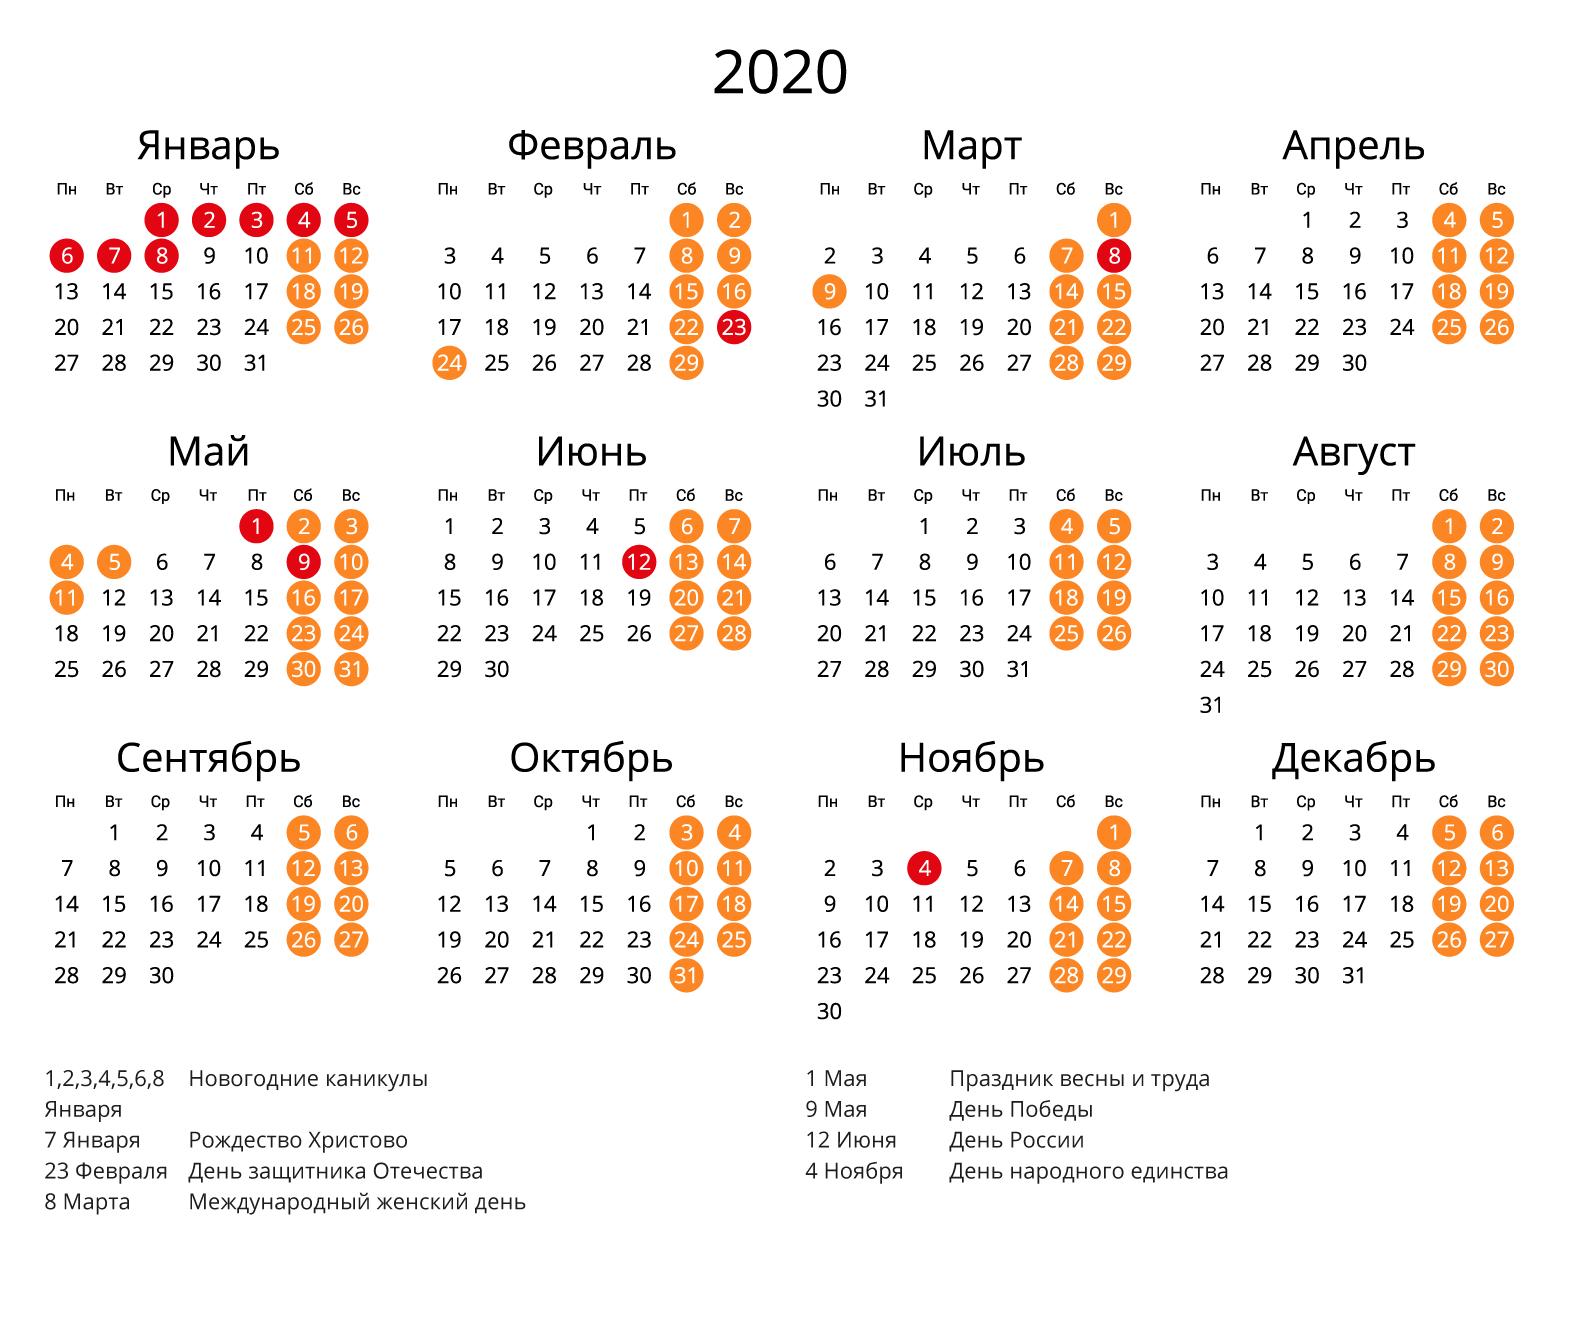 Скачать Календарь На 2020 Год В Форматах: Word, Pdf, Jpg pertaining to Kalendar Kuda 2020 Pdf